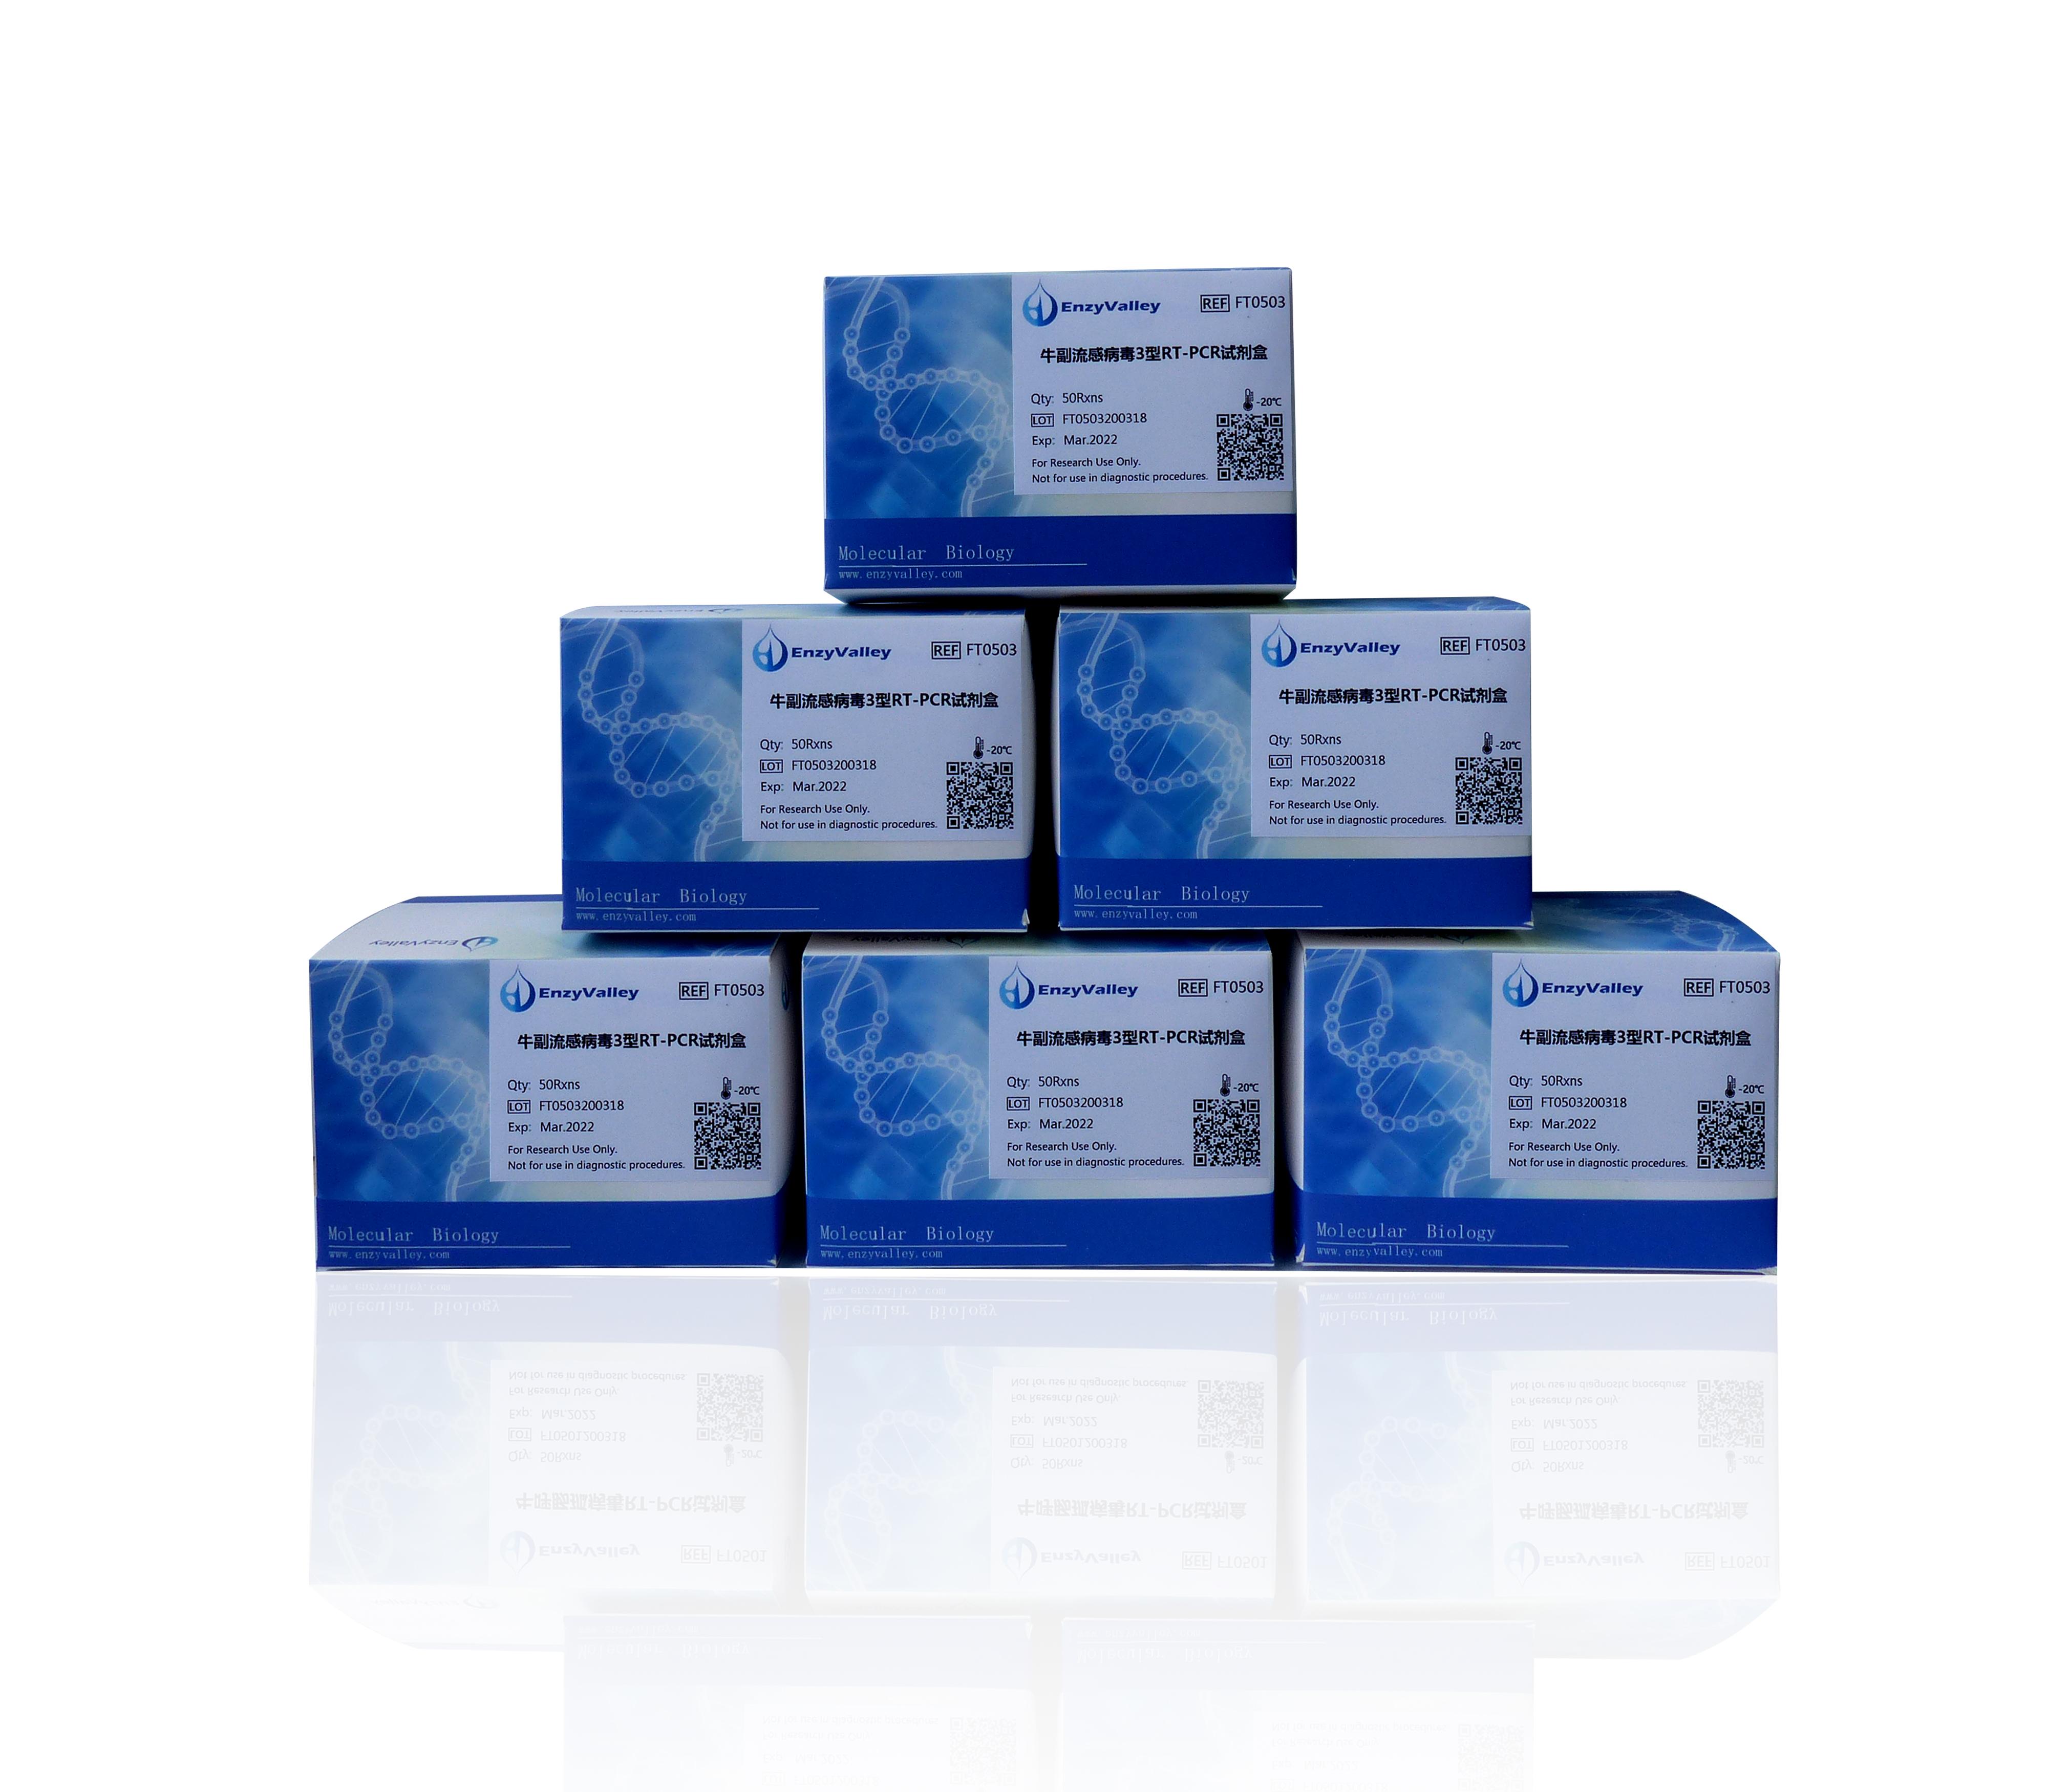 牛副流感病毒 3型 RT-PCR试剂盒